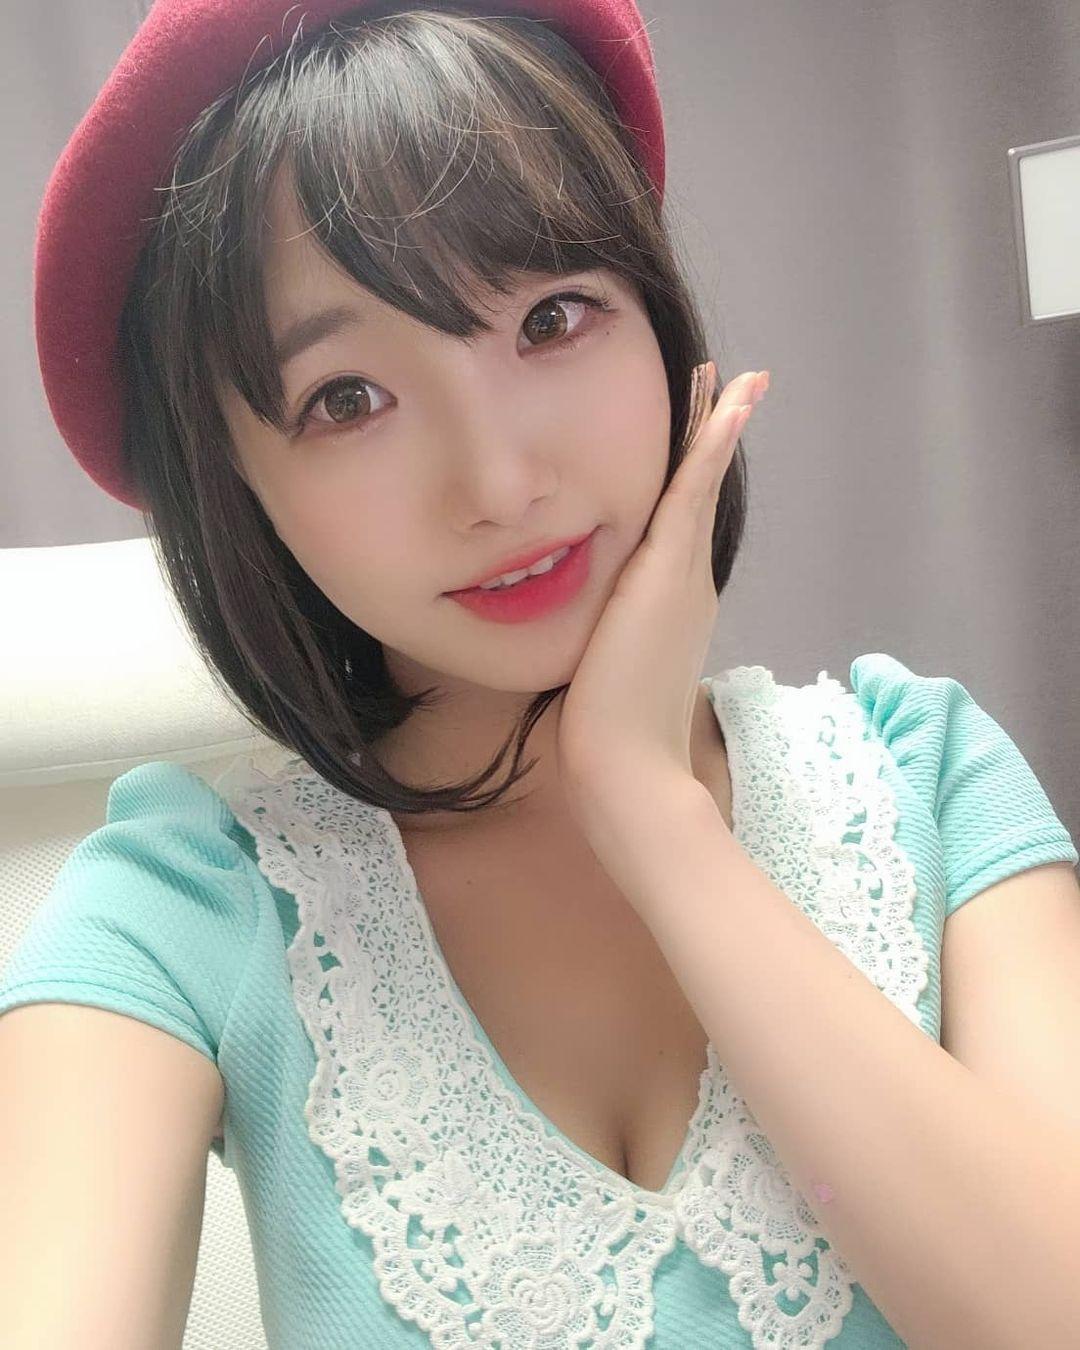 韩国美女主播수련甜笑卖萌让人口水直流 节操写真馆 热图5